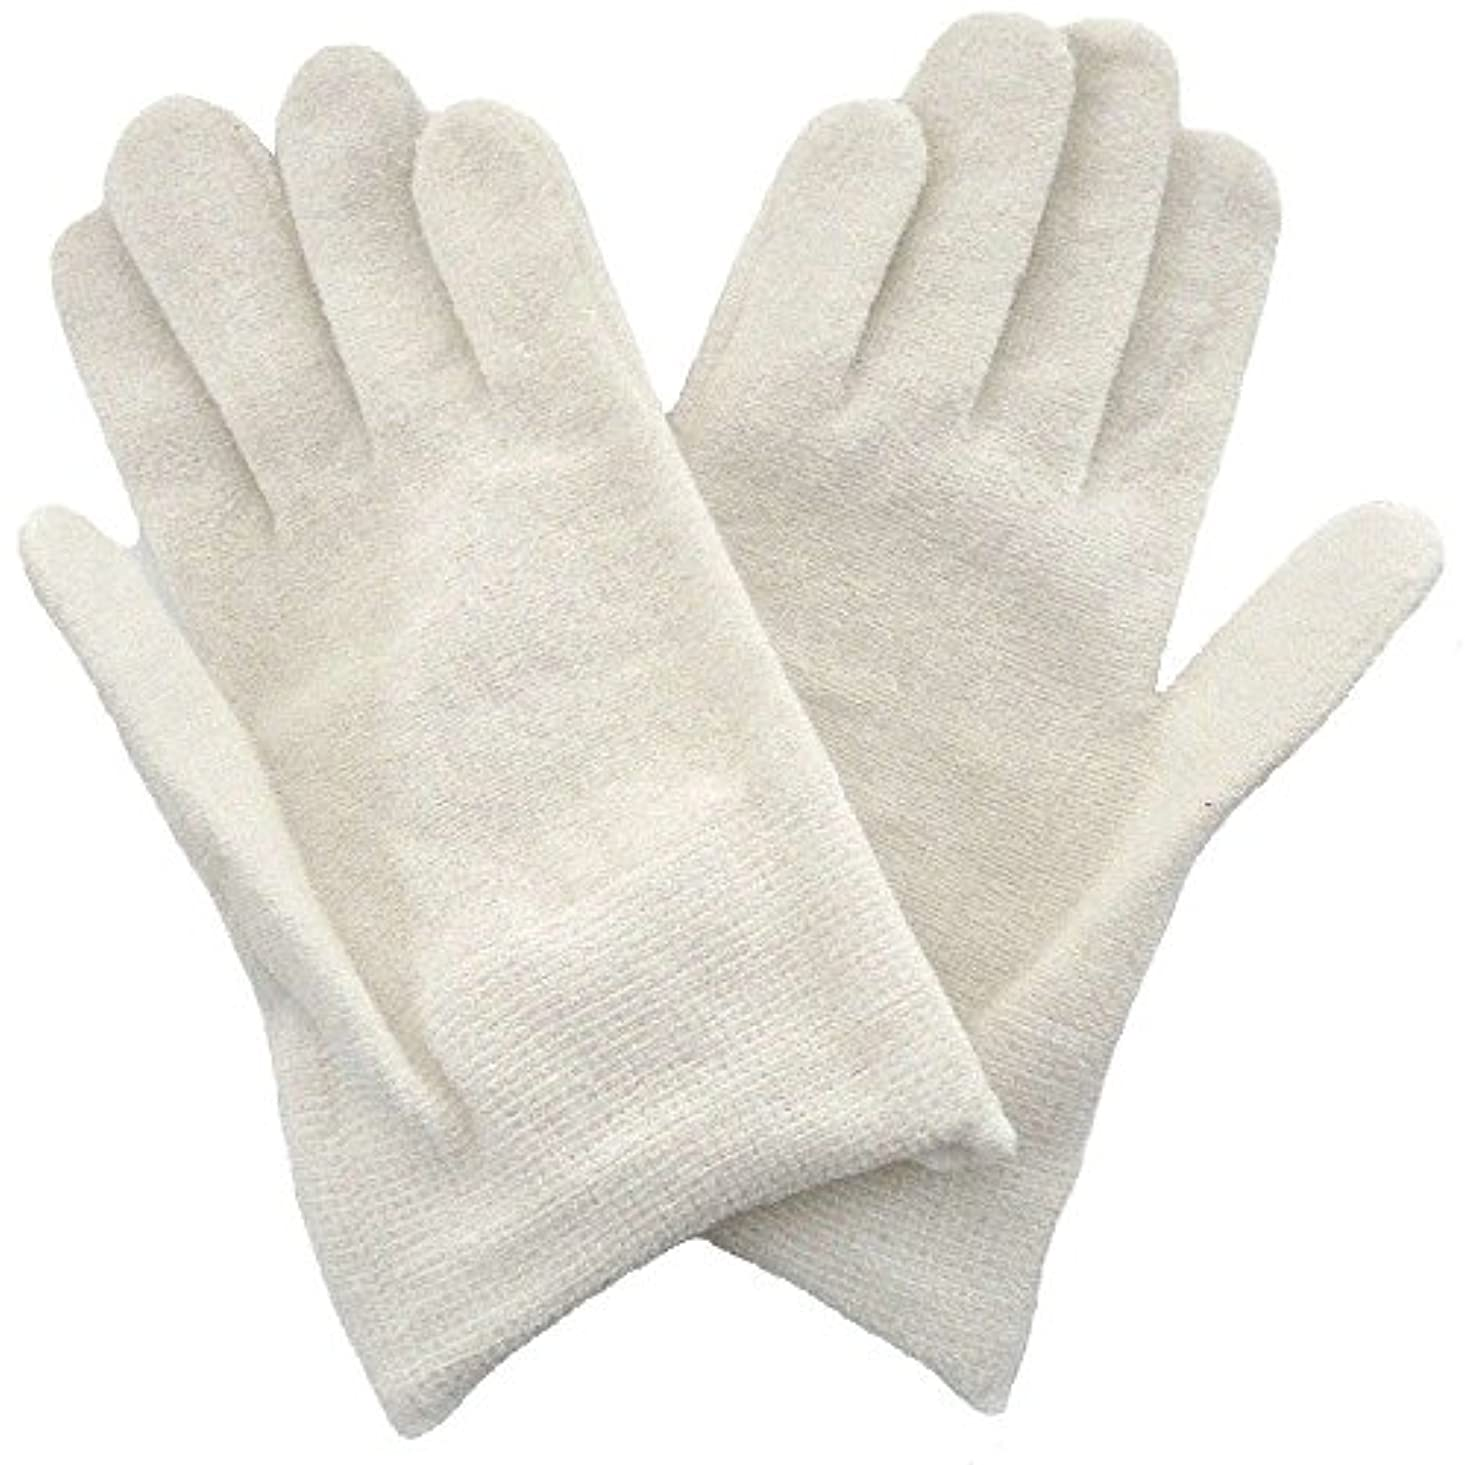 解説スクラブ希望に満ちた【アトピー】【水疱瘡】【皮膚炎】 ナノミックス おやすみ手袋:キッズ用 ホワイト